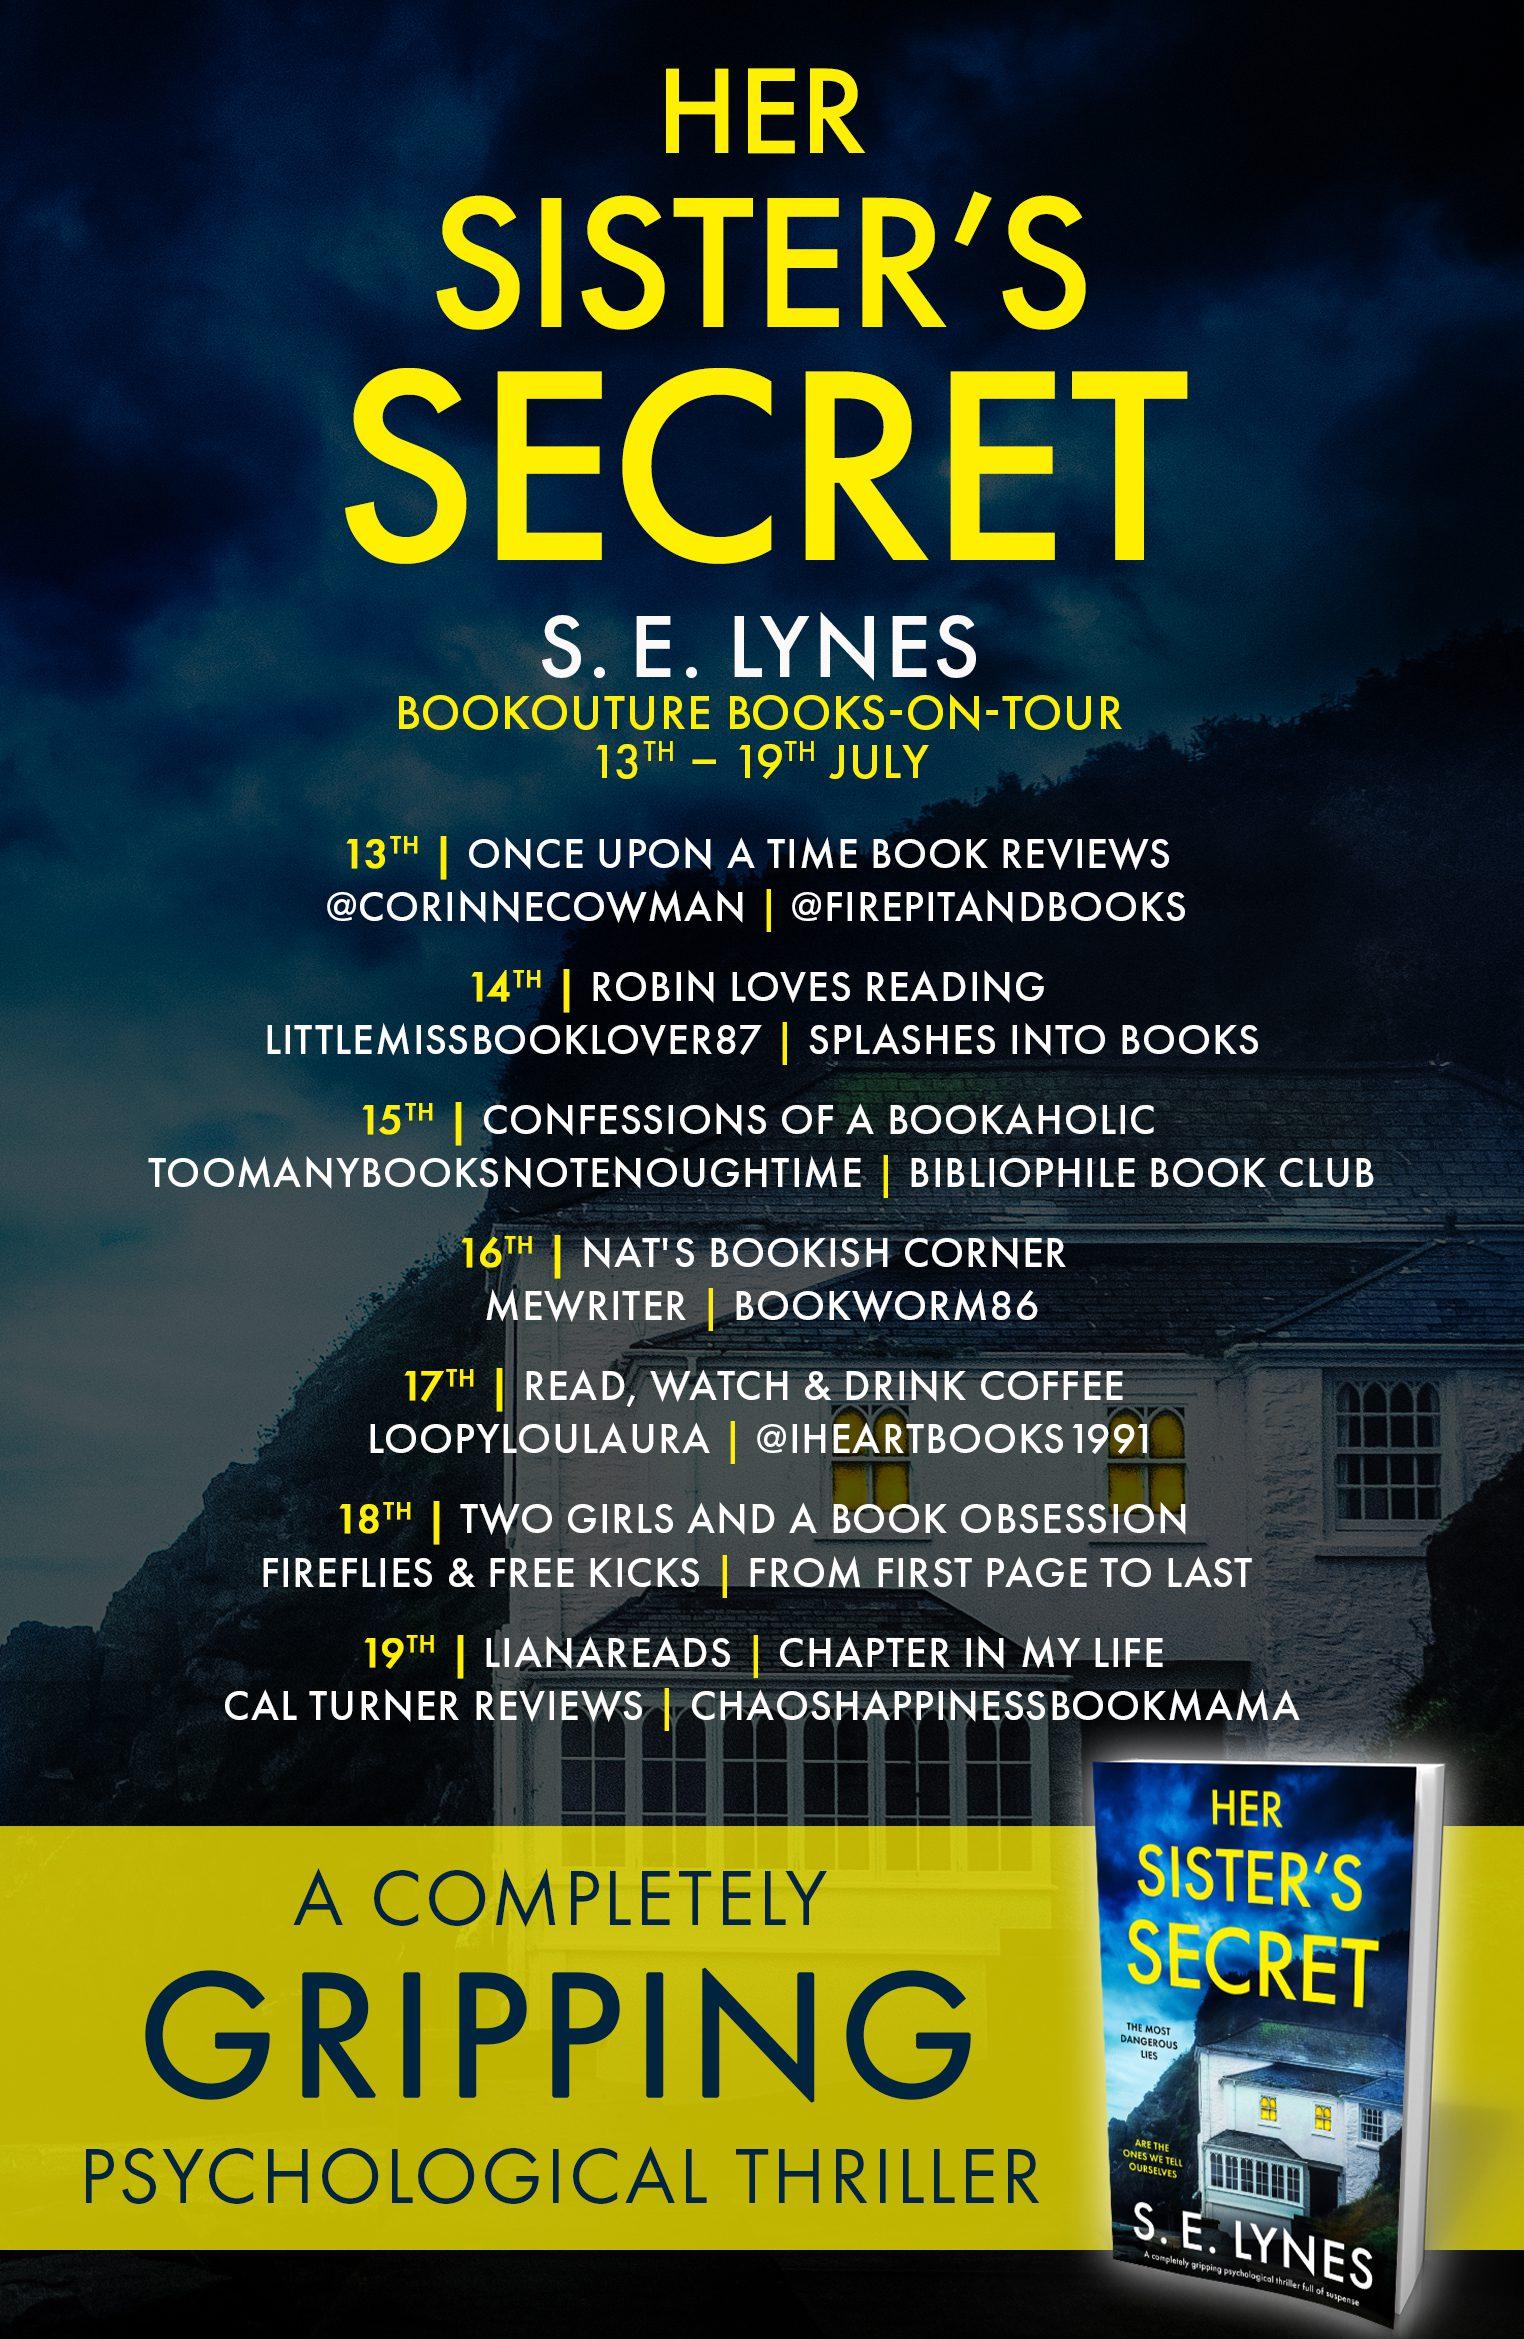 Her Sister's Secret blog tour banner